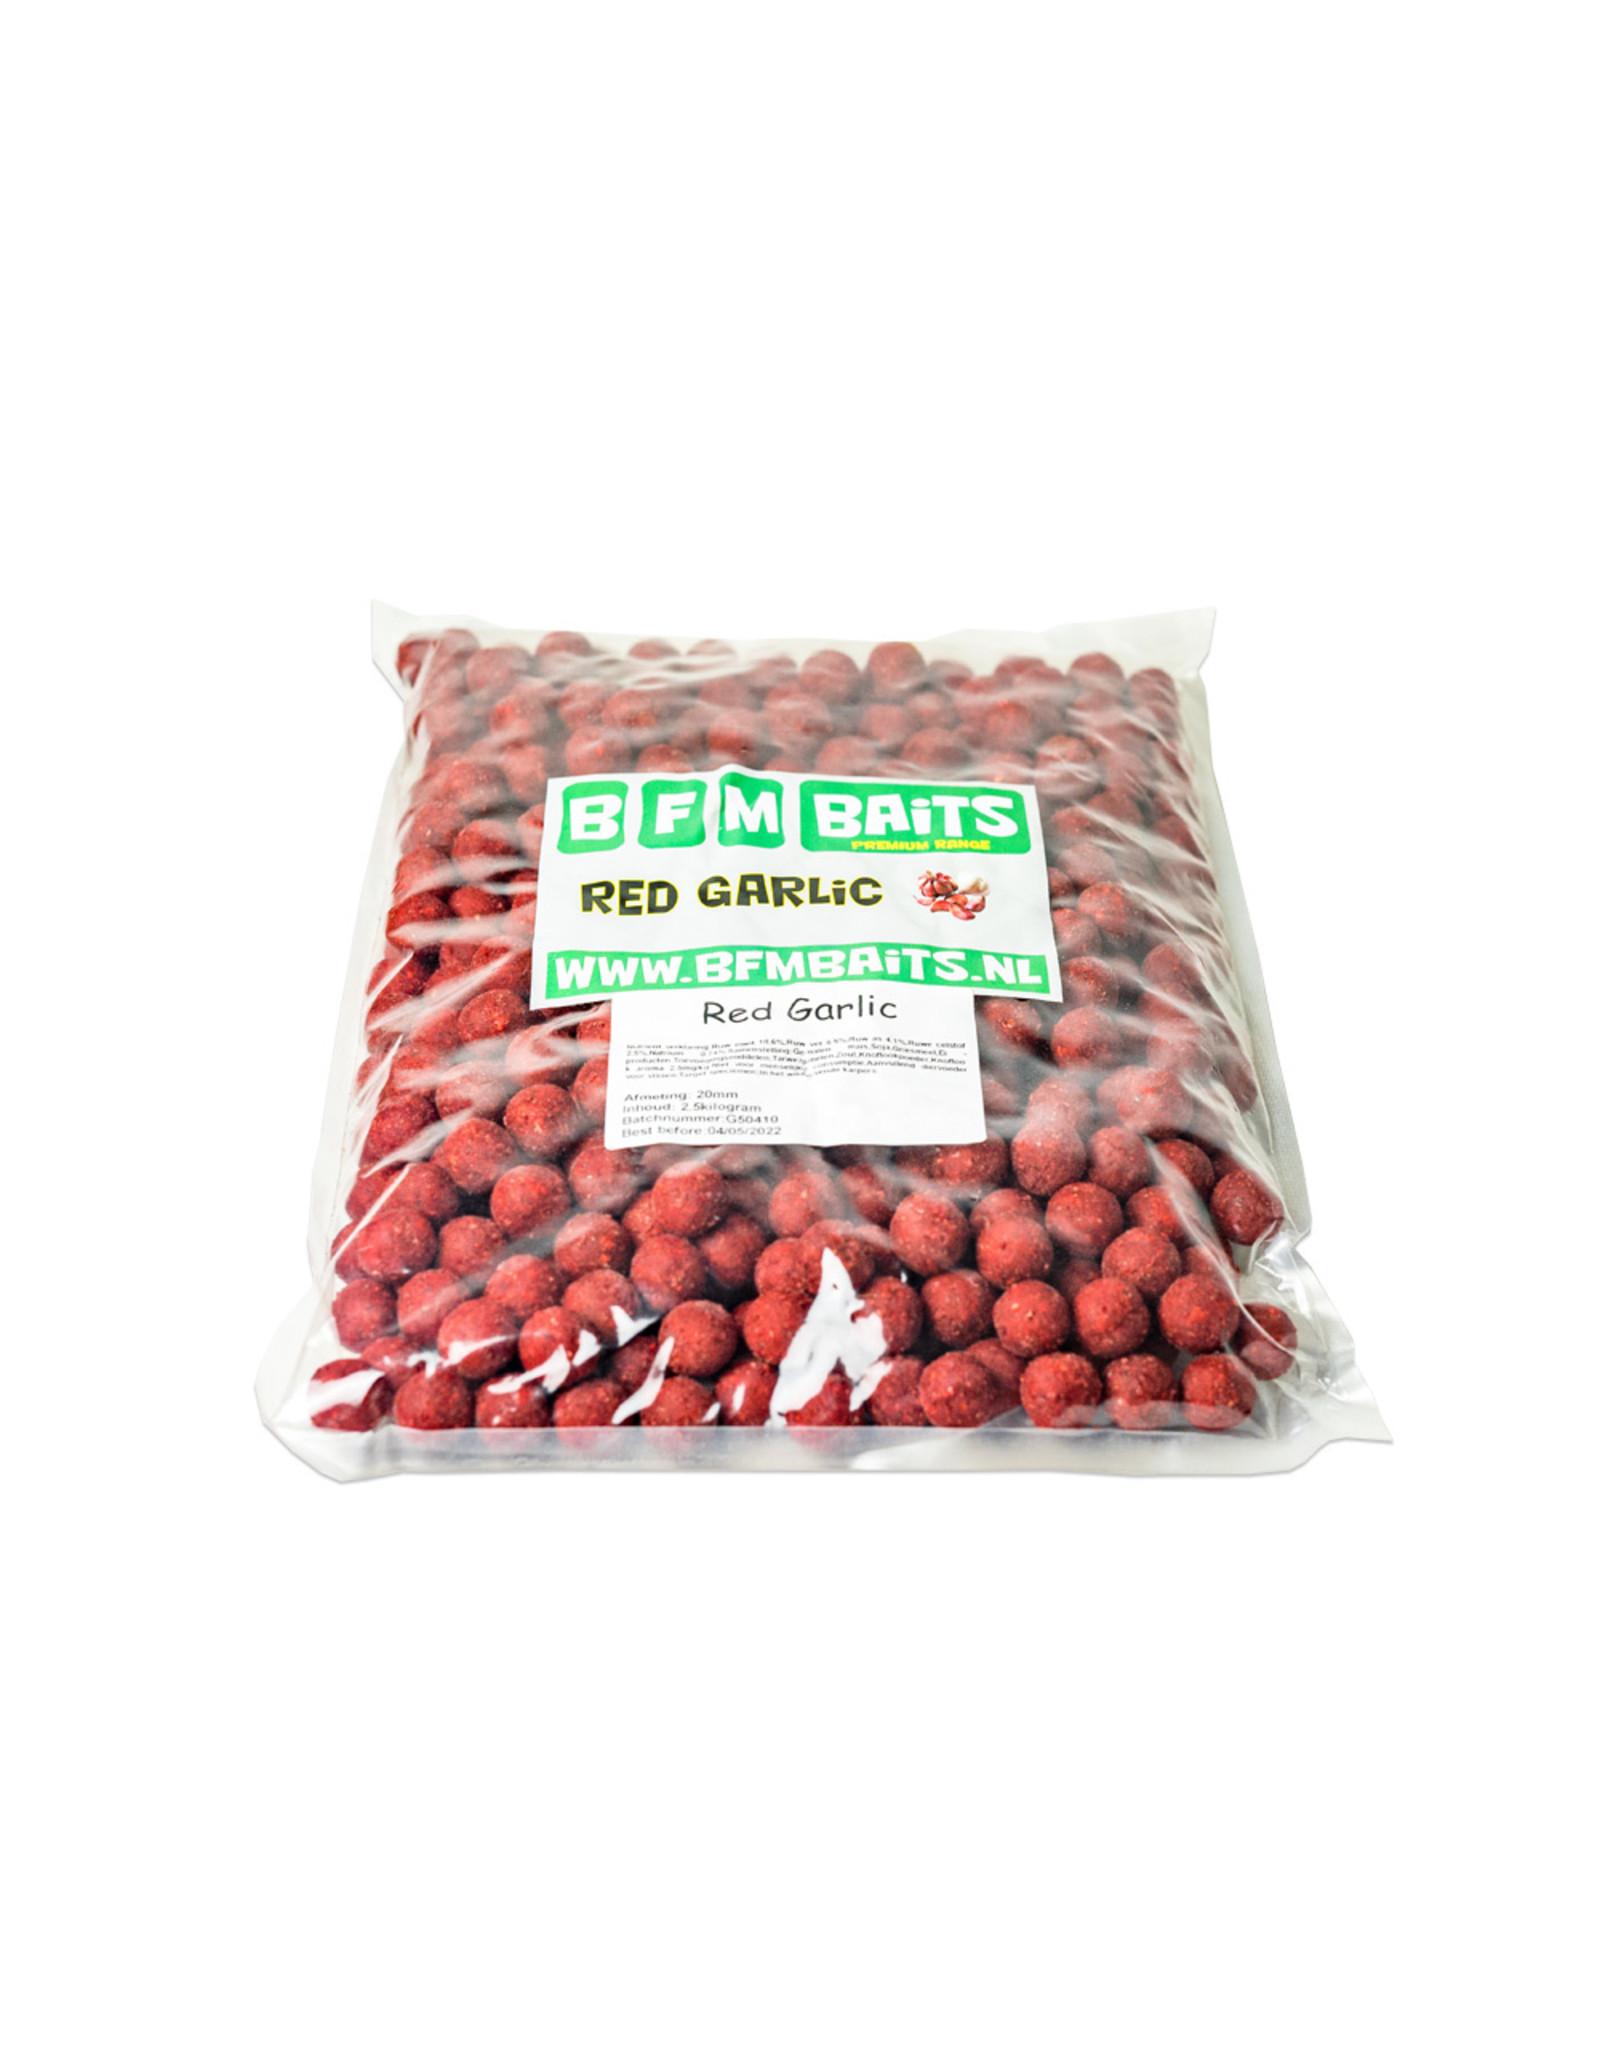 BFM Baits Red Garlic boilies - Bulk deal